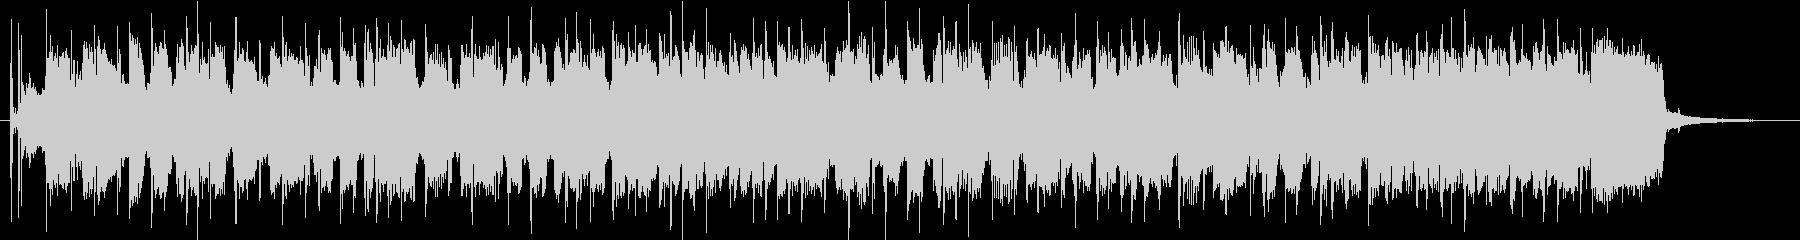 パンクロックな雰囲気のBGMの未再生の波形